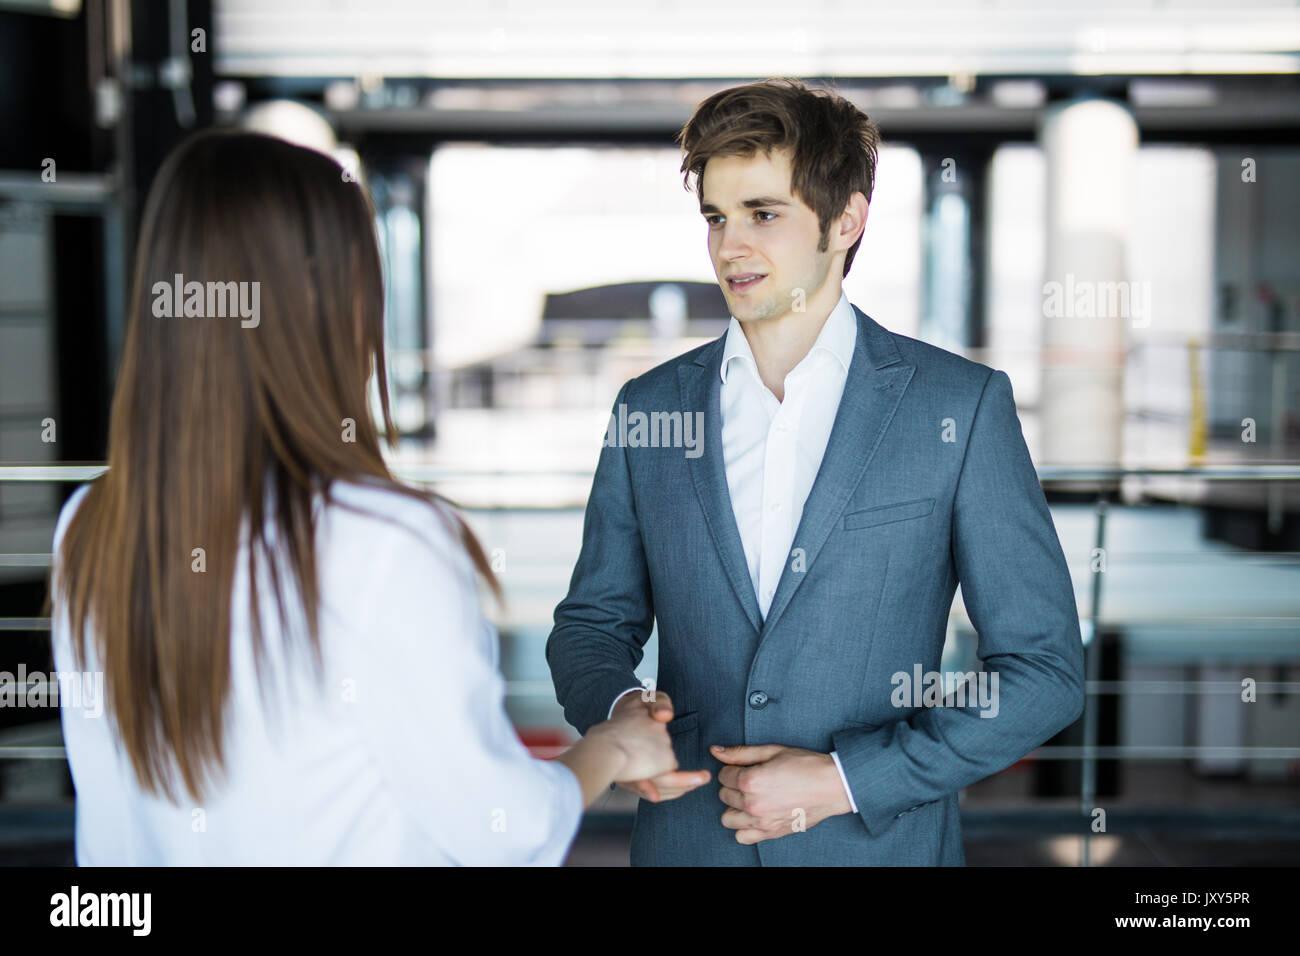 Uomini e donne di parlare con un sorriso sullo sfondo delle grandi finestre panoramiche in un moderno centro business. Immagini Stock